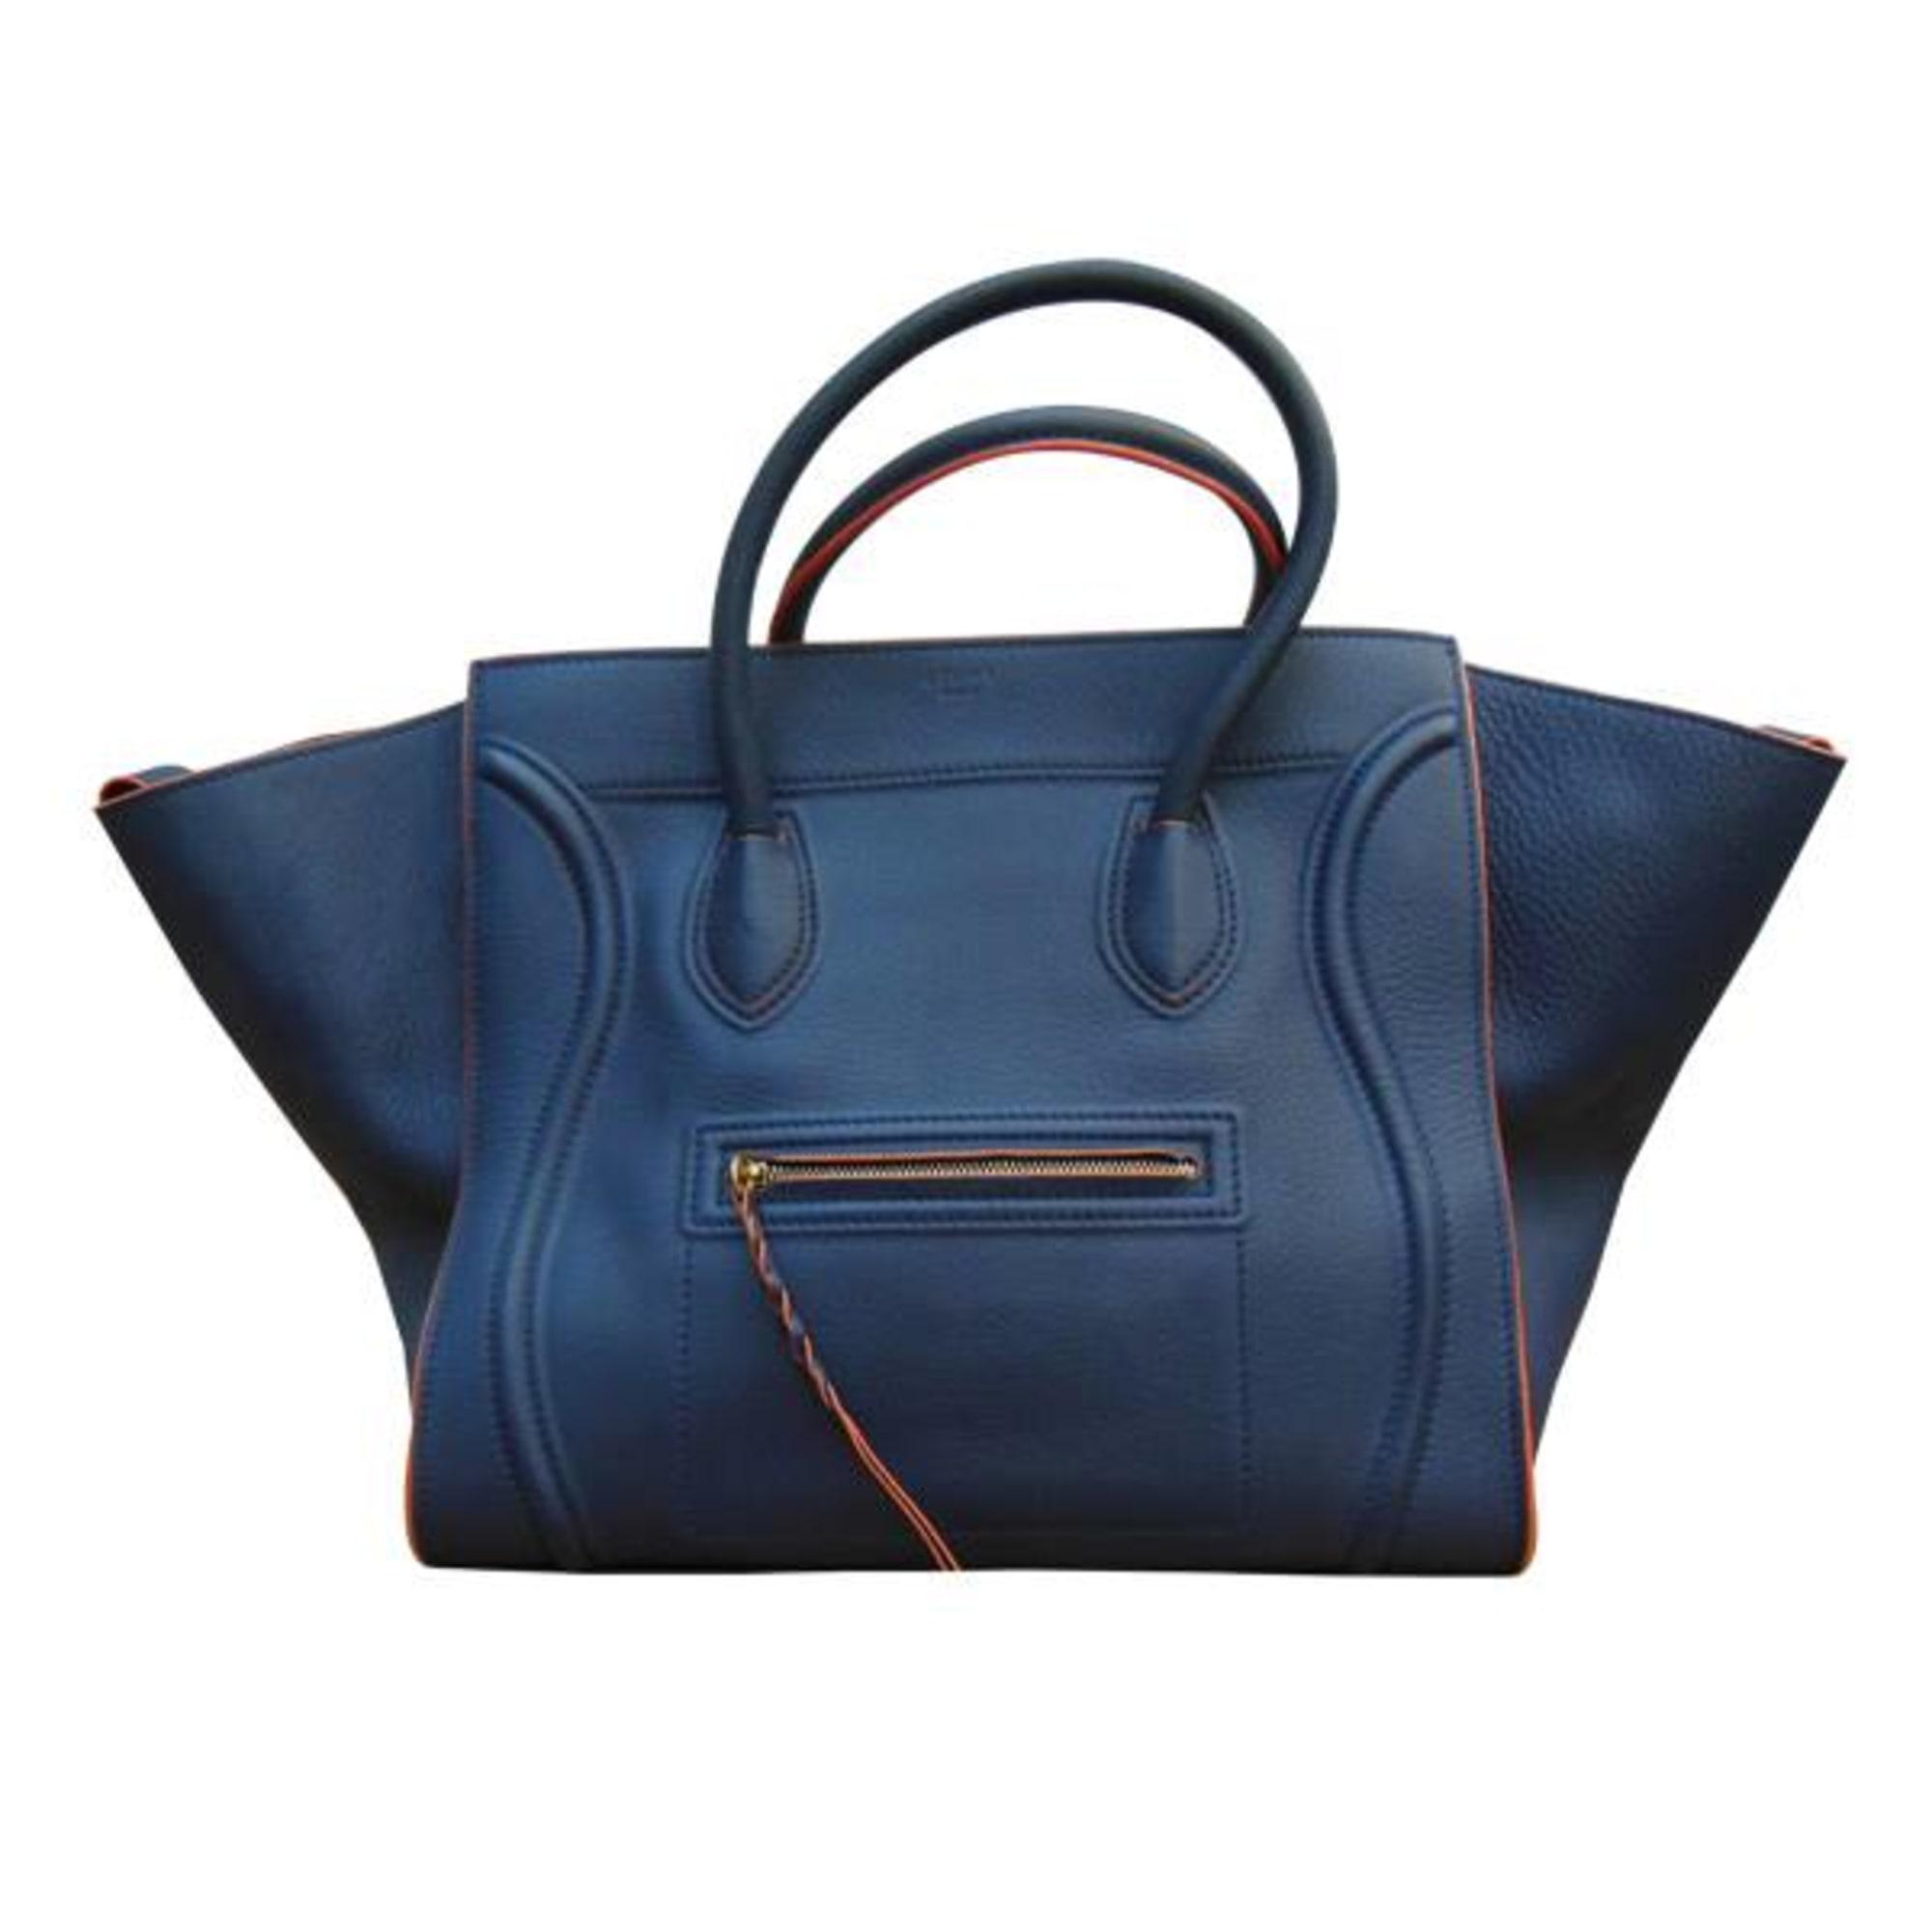 Céline Cuir En À Marine Sac Bleu Turquoise Main Bleu gqBS4gIn